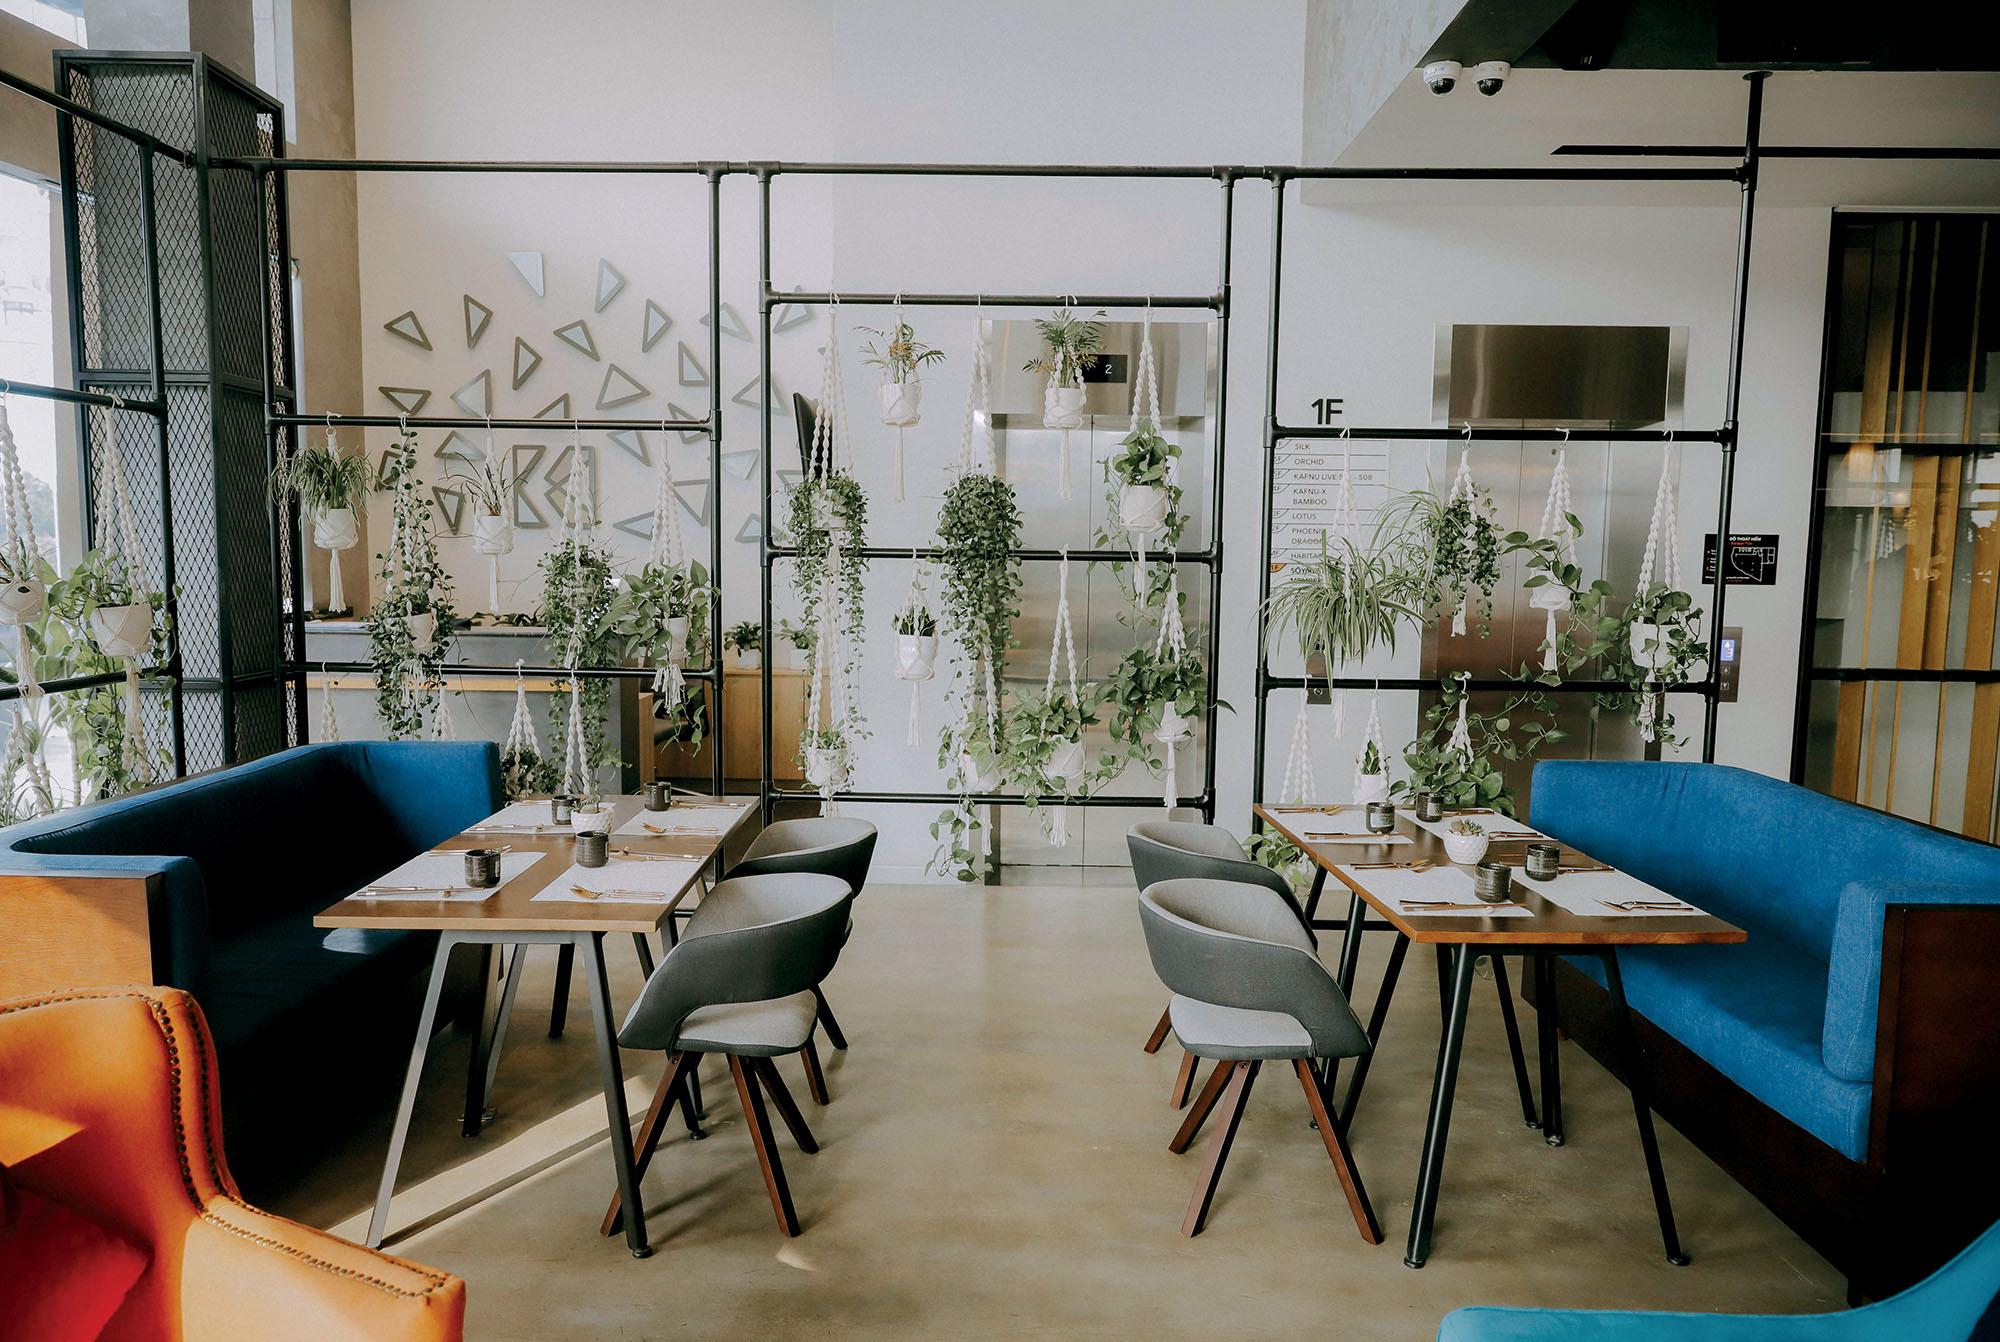 địa điểm nhà hàng với nội thất sáng màu